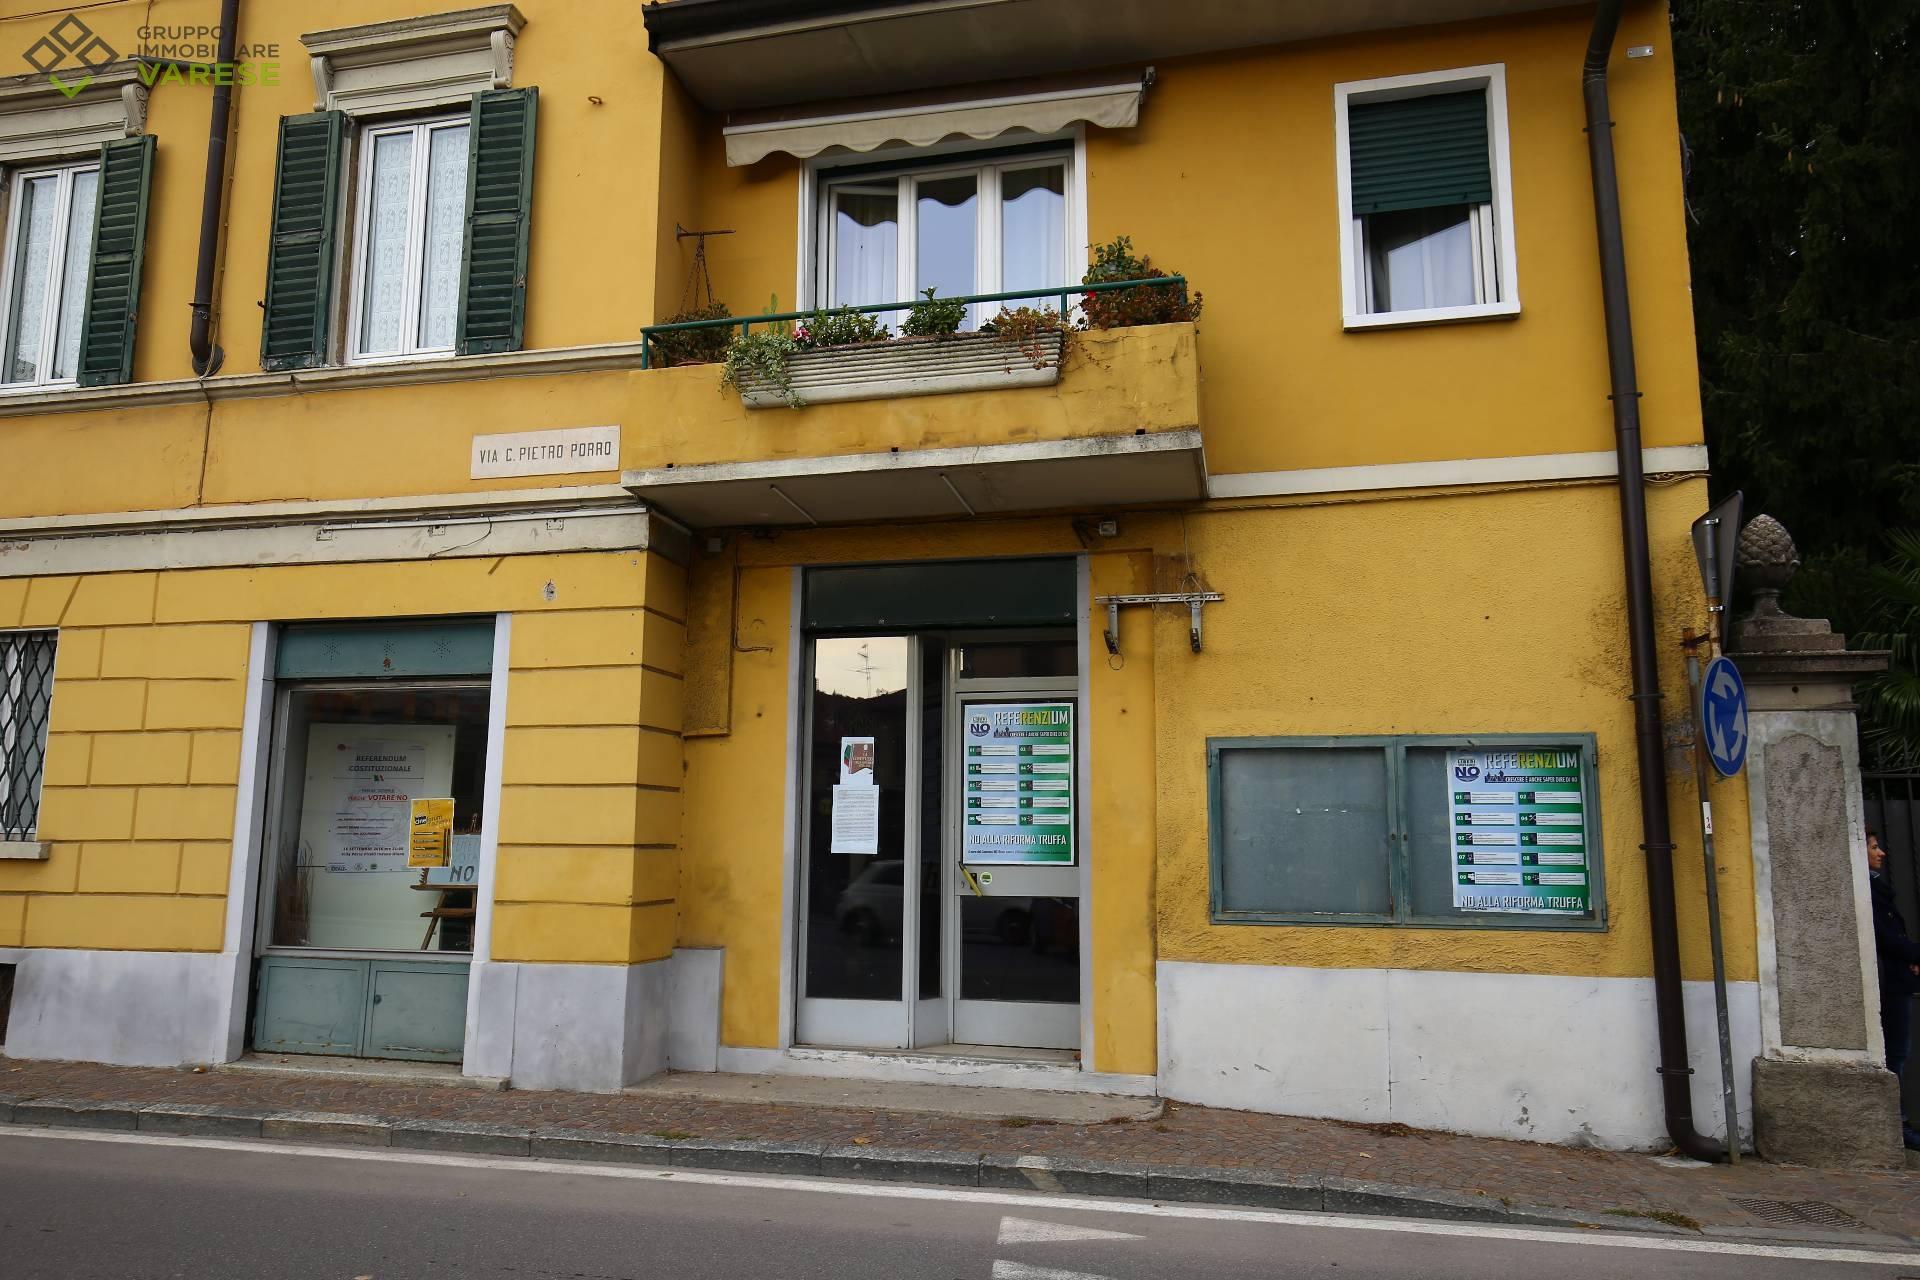 Attività / Licenza in vendita a Induno Olona, 9999 locali, prezzo € 55.000 | CambioCasa.it